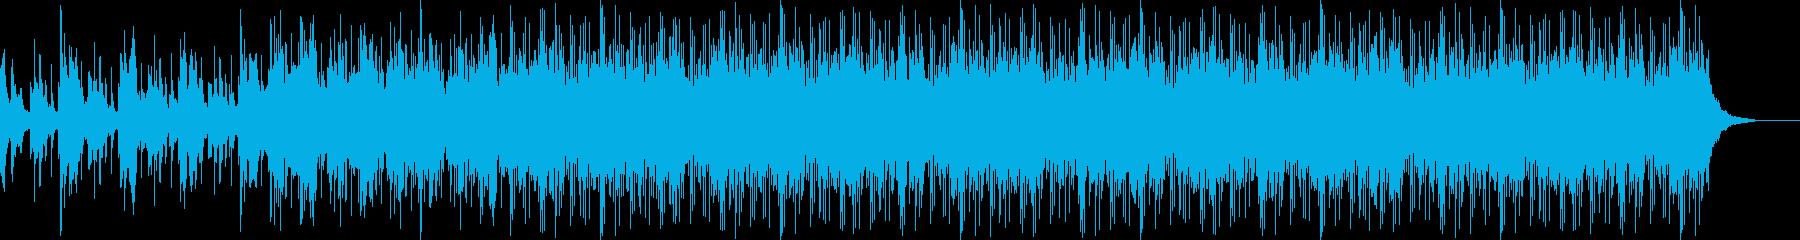 疾走感、宇宙系、エレクトロニカの再生済みの波形